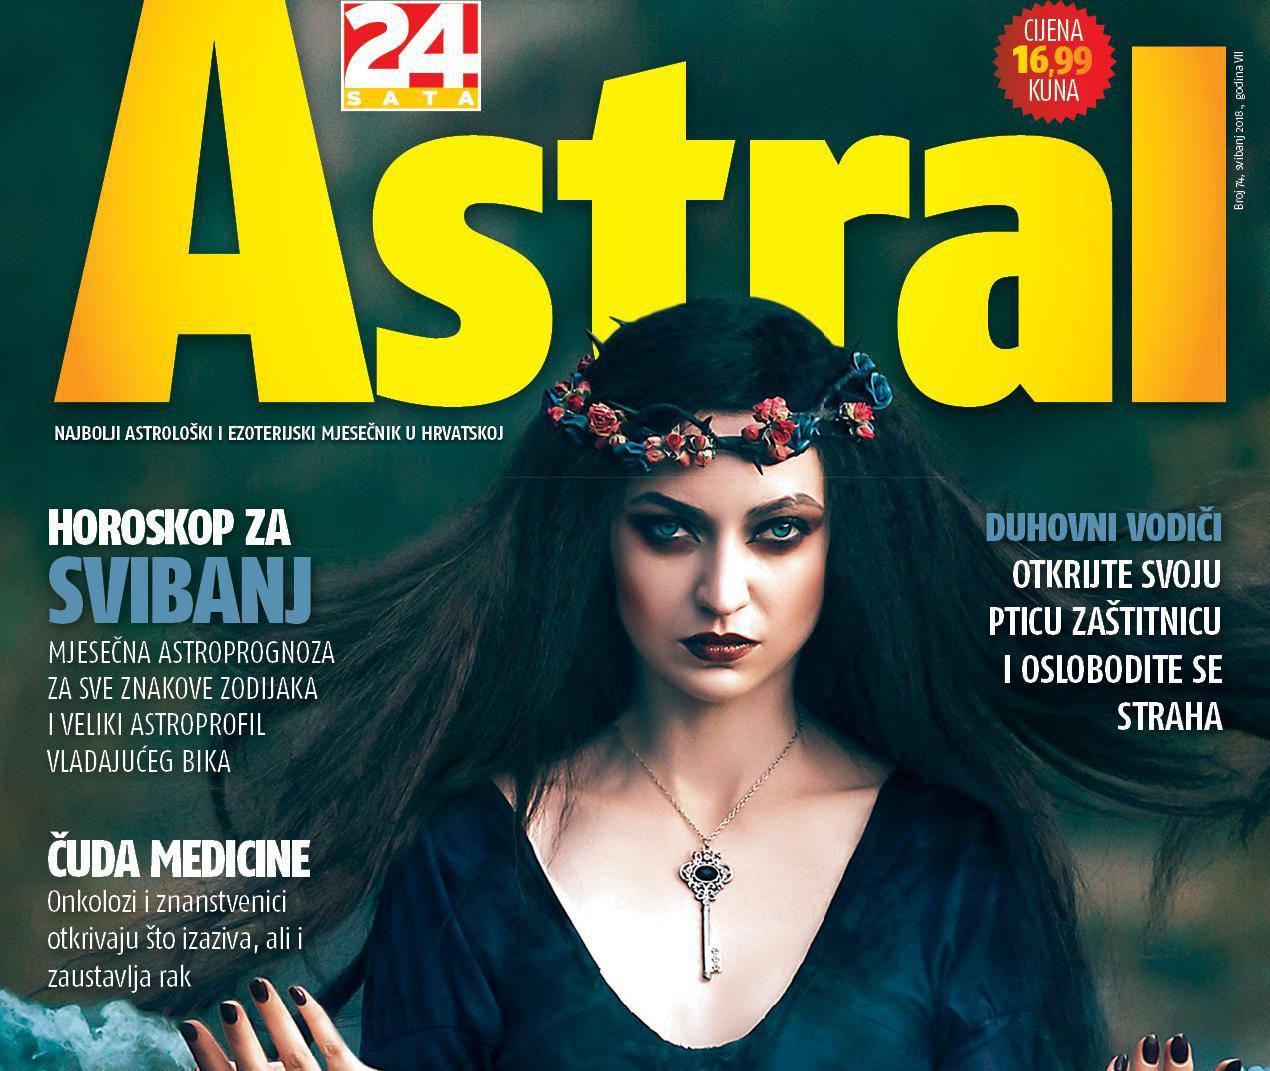 Novi Astral: Uroci su moćno oružje zavidnog i zlobnog srca